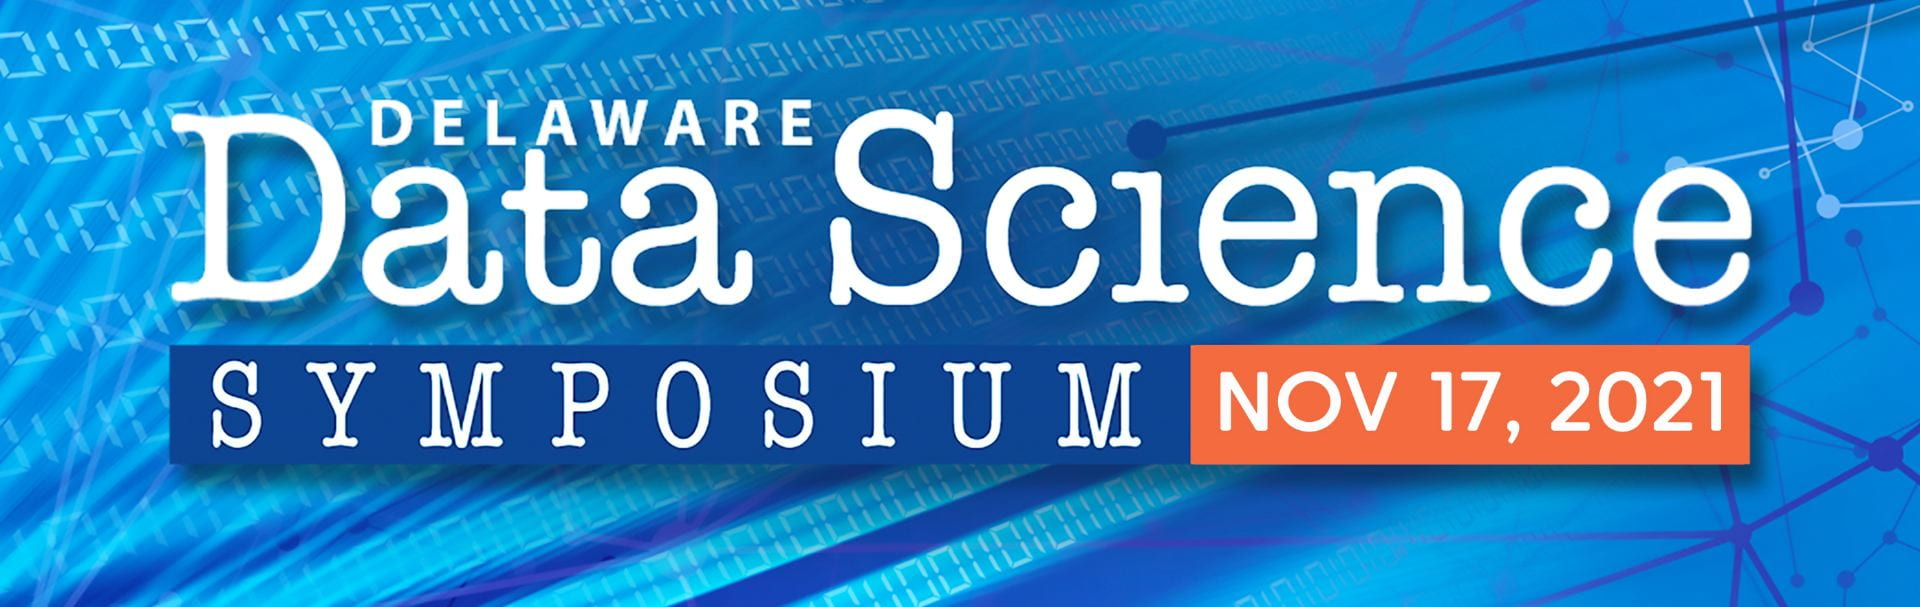 DSI Symposium Background 2021_Google Form